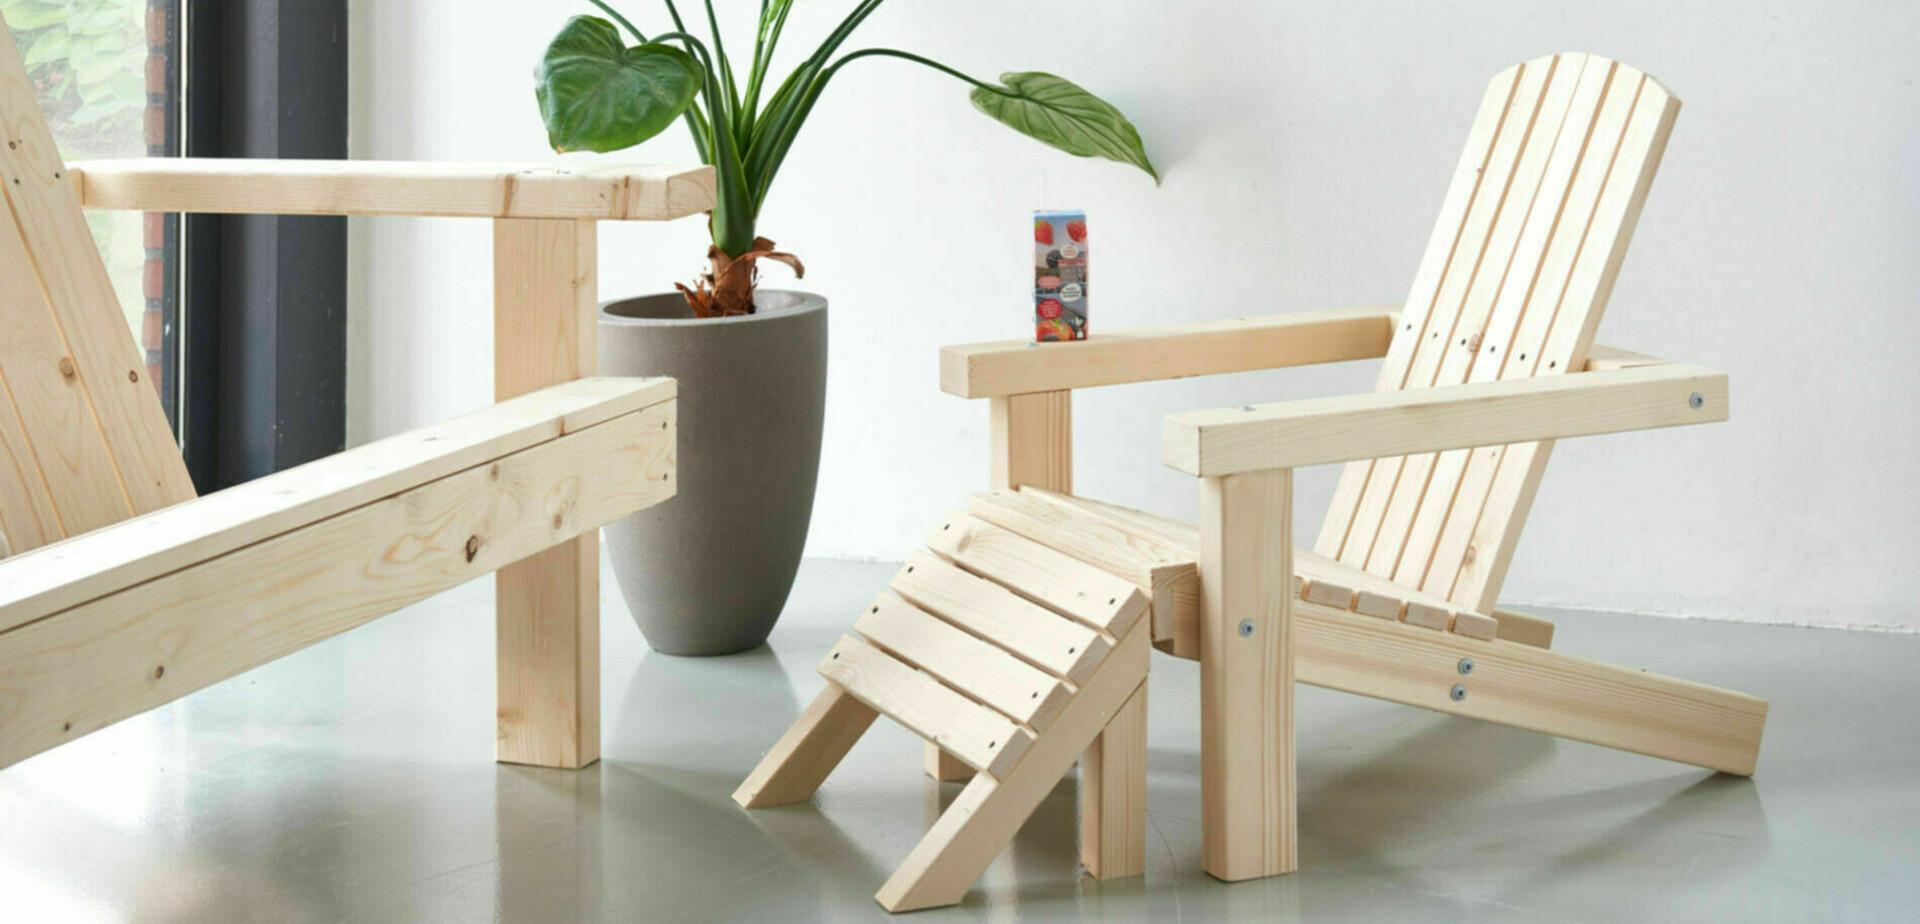 Maak je eigen tuinstoel speciaal voor de kinderen   Stappenplan